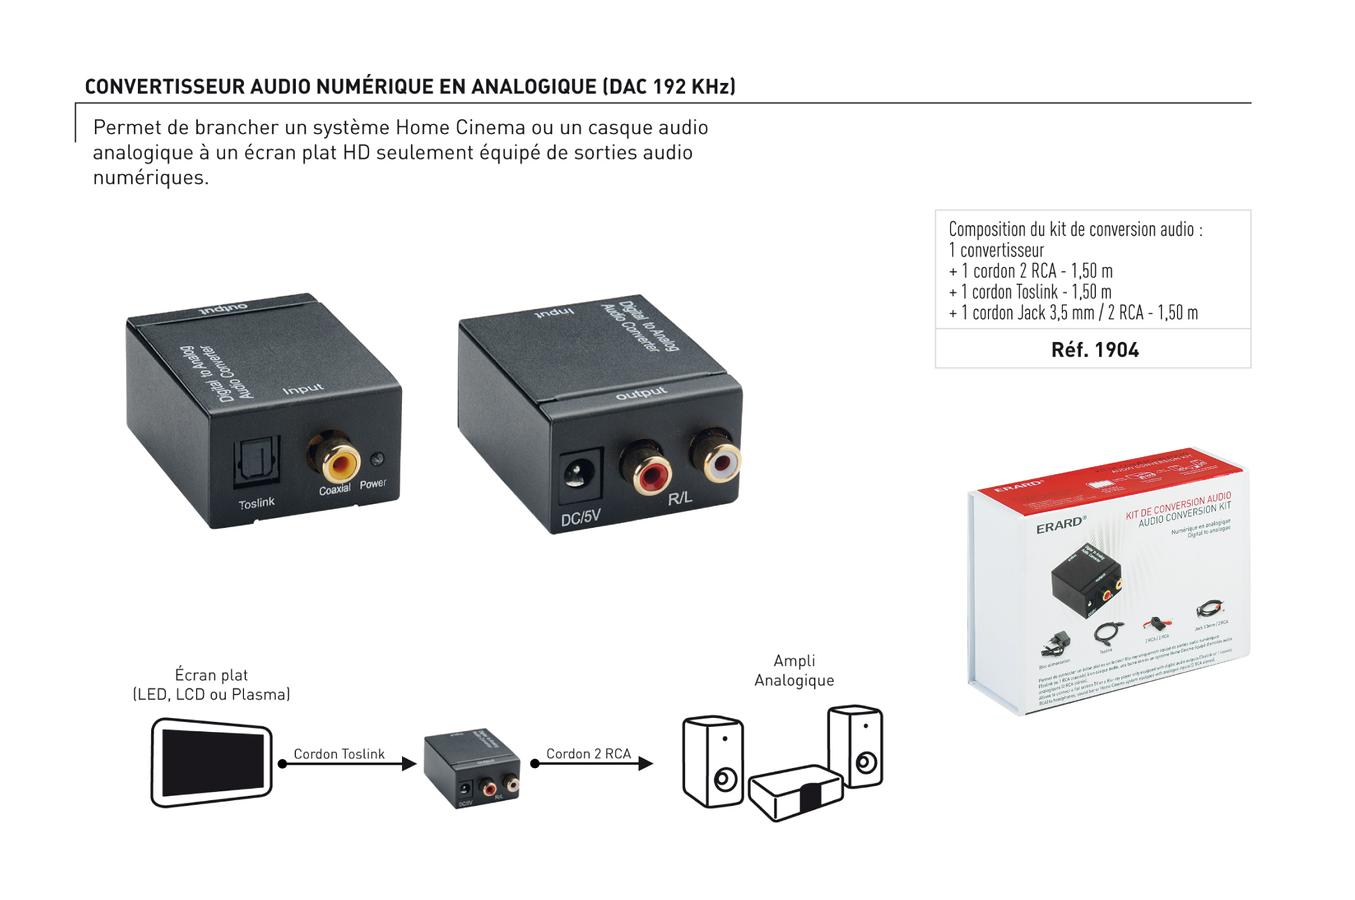 adaptateur audio erard optique coaxial rca 1904 1290320 darty. Black Bedroom Furniture Sets. Home Design Ideas